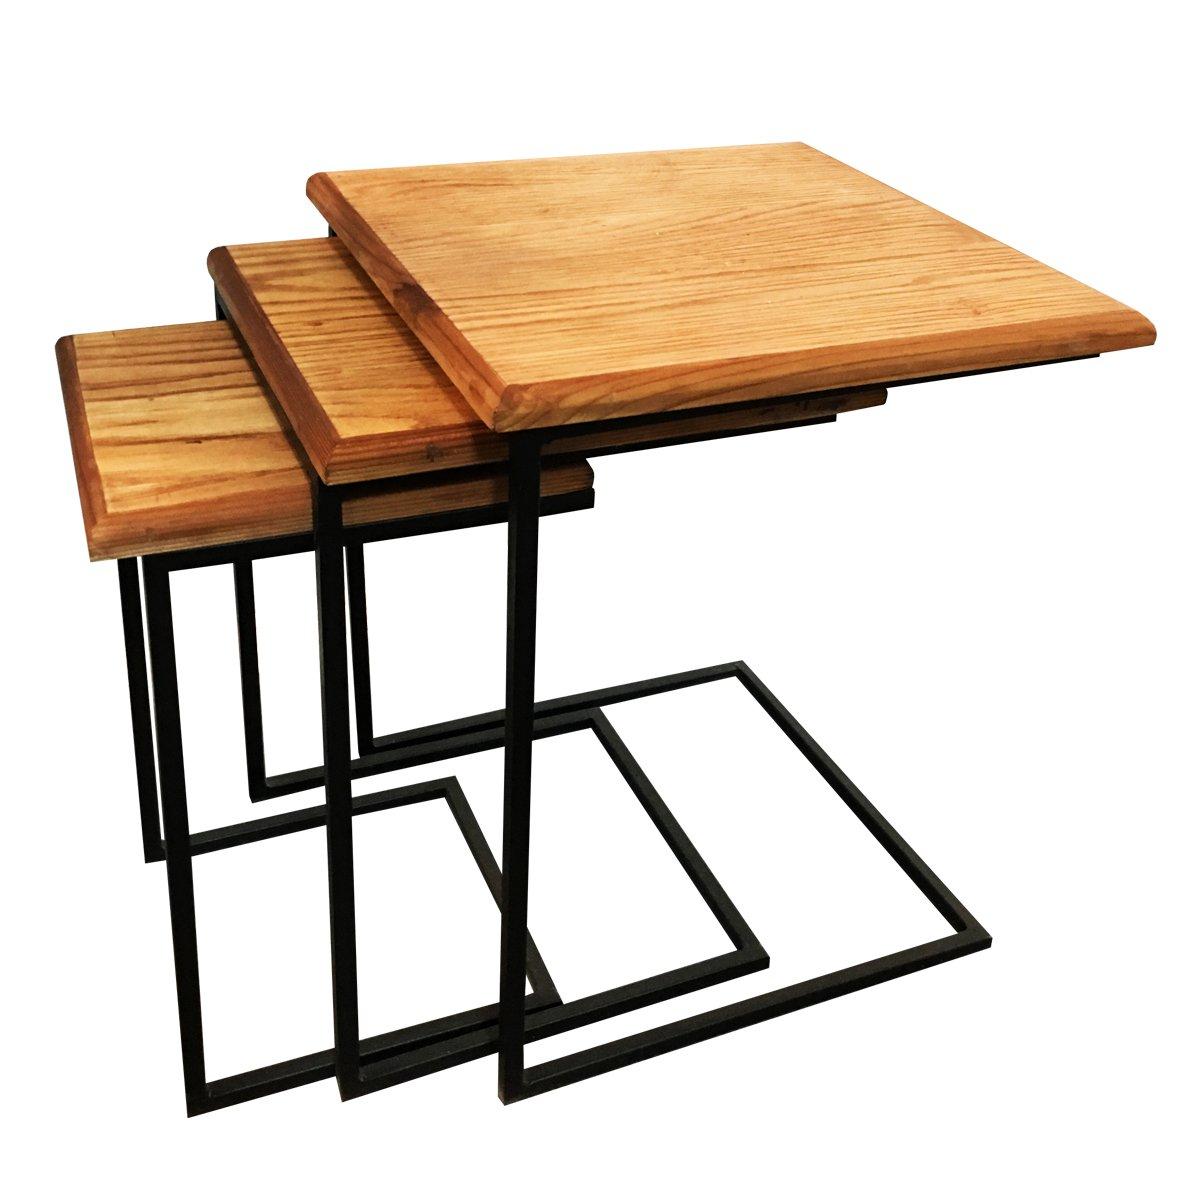 میز عسلی سه تکه چوب روسی و پایه فلزی مشکی